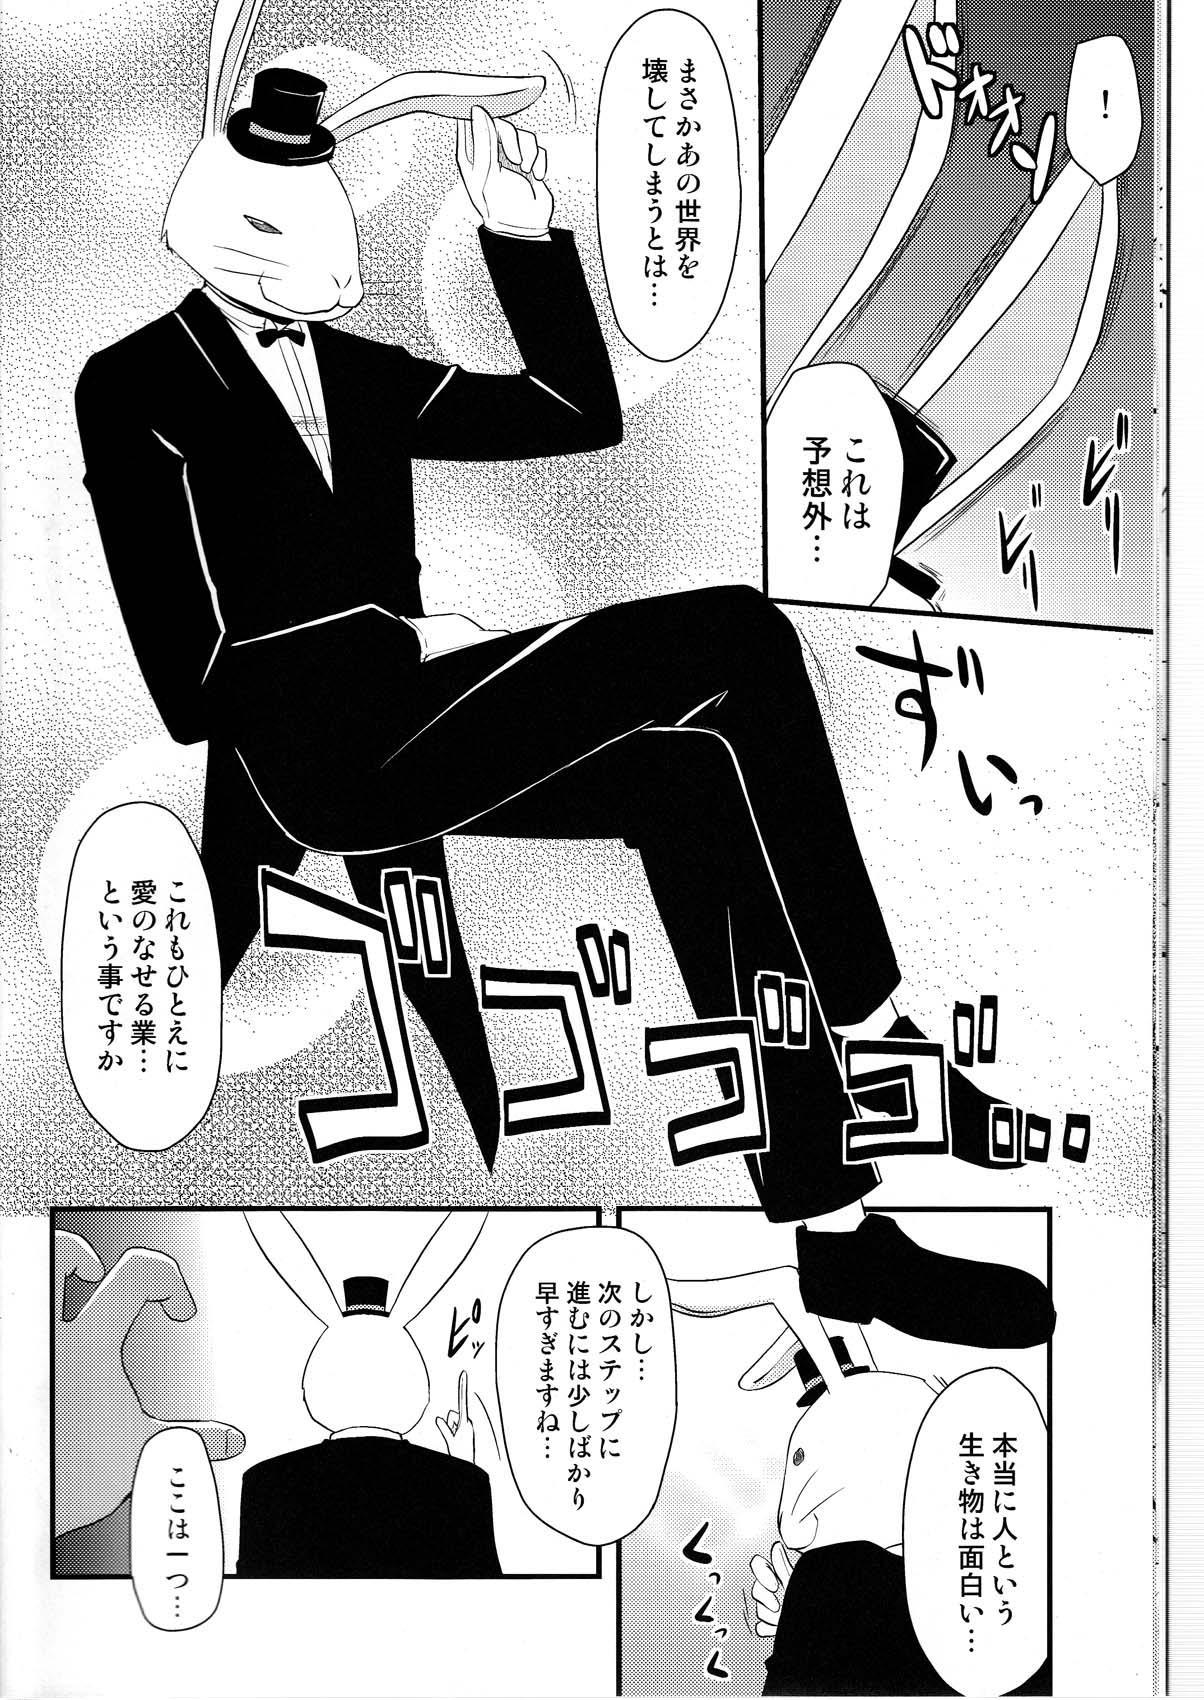 Souseiseki Hokan Keikaku 13